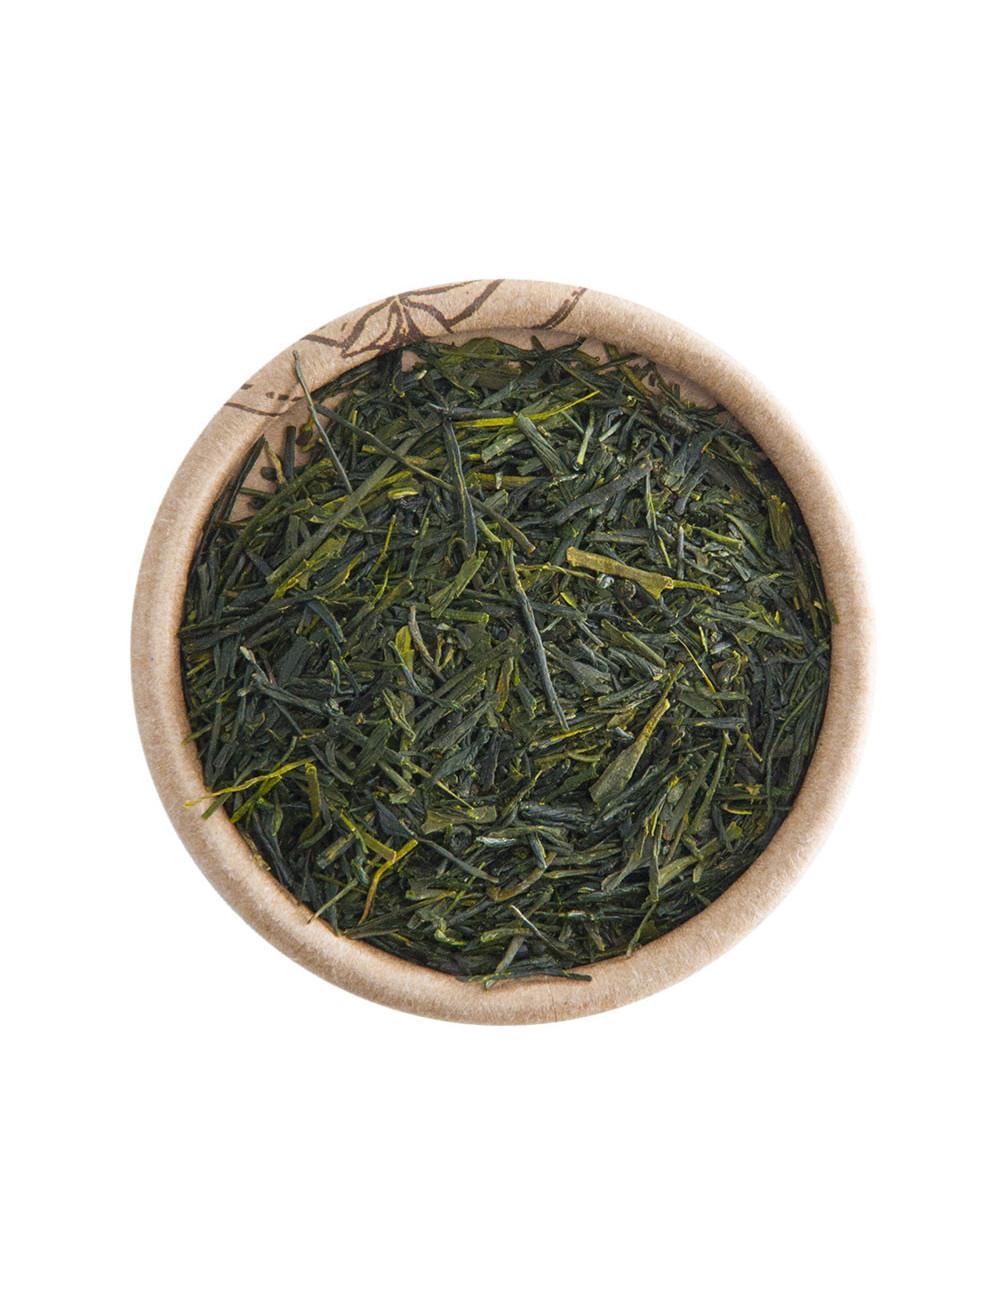 Japan Shincha Kyushu BIO tè verde - La Pianta del Tè shop online